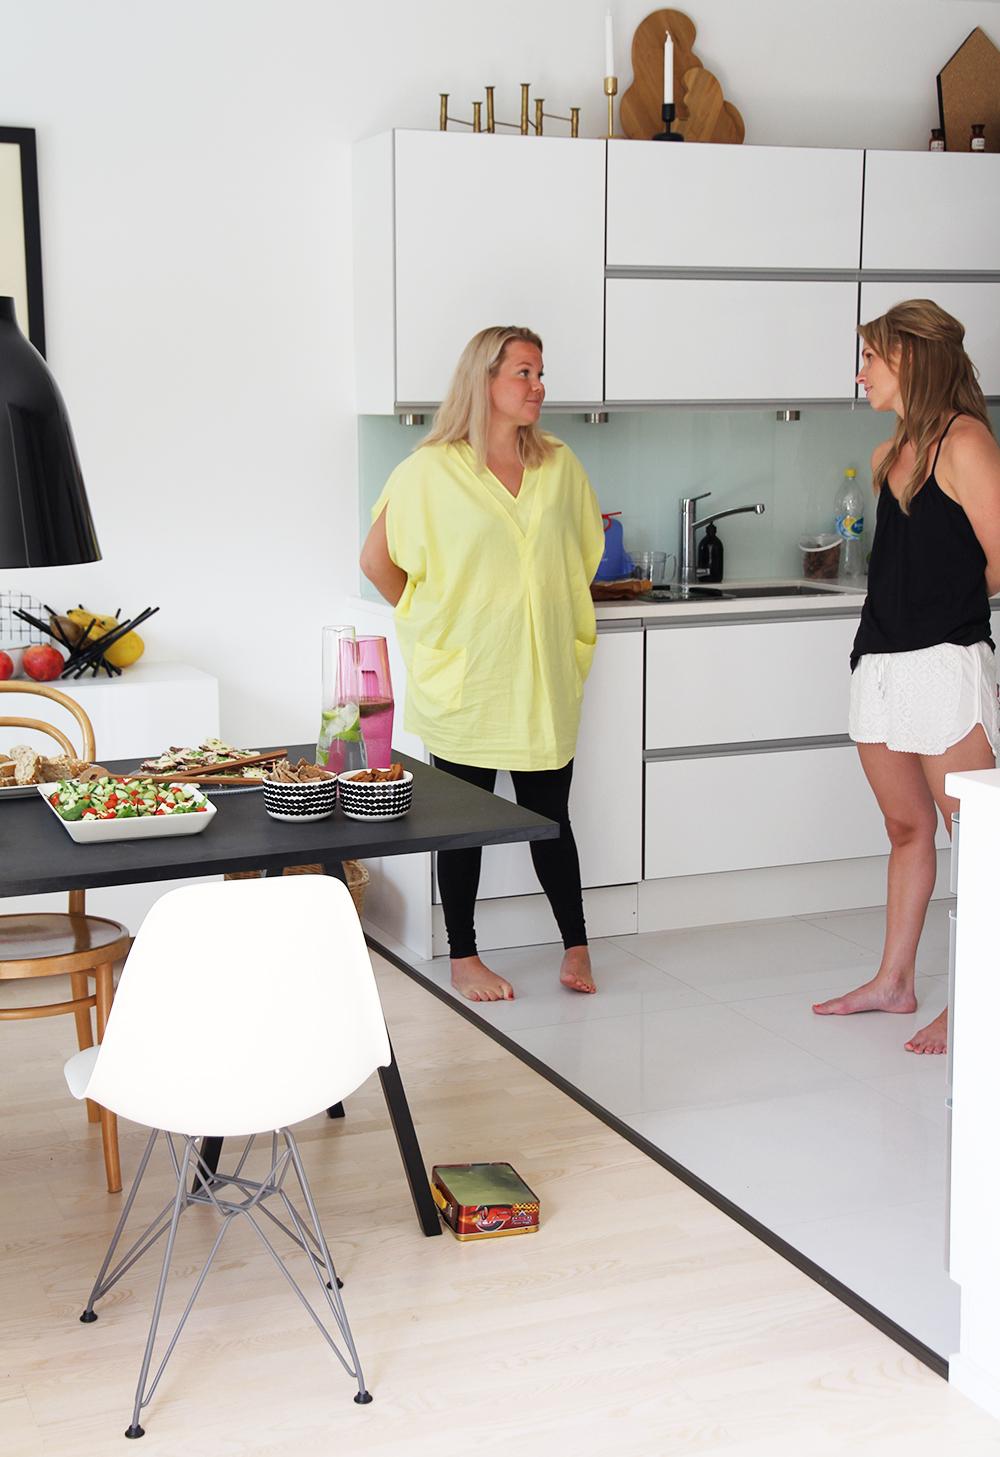 hunajaista macigpoks maj mira ainoa mirkkumuori blogi keittio kitchen interior